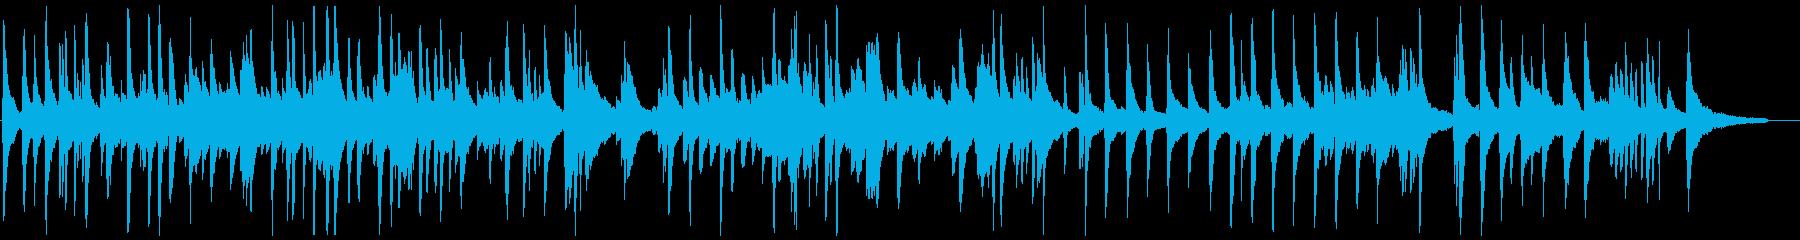 切ないがどこか始まりを感じさせるBGMの再生済みの波形